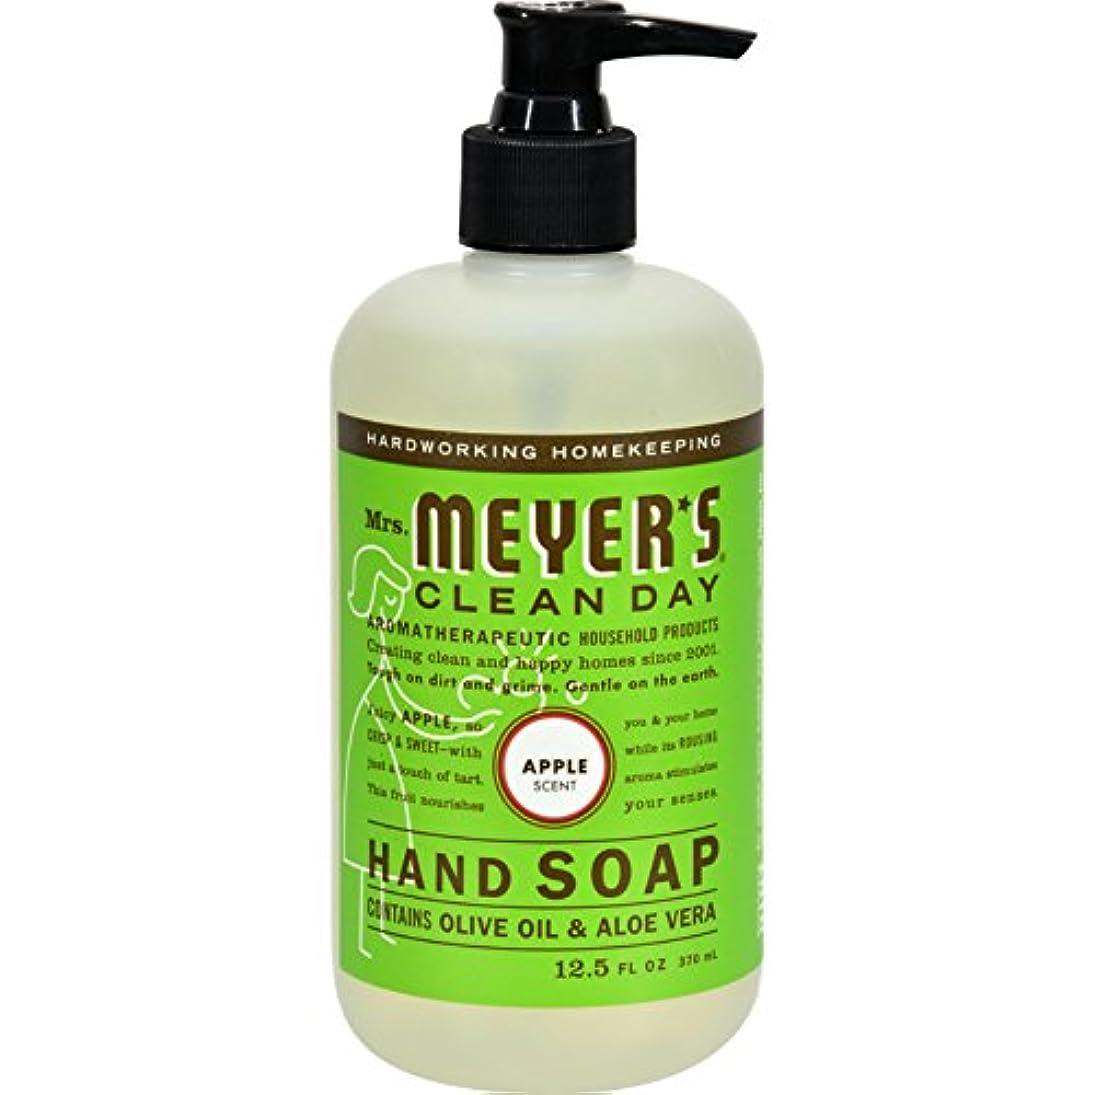 経歴より良いリハーサルLiquid Hand Soap - Apple - Case of 6 - 12.5 oz by Mrs. Meyer's